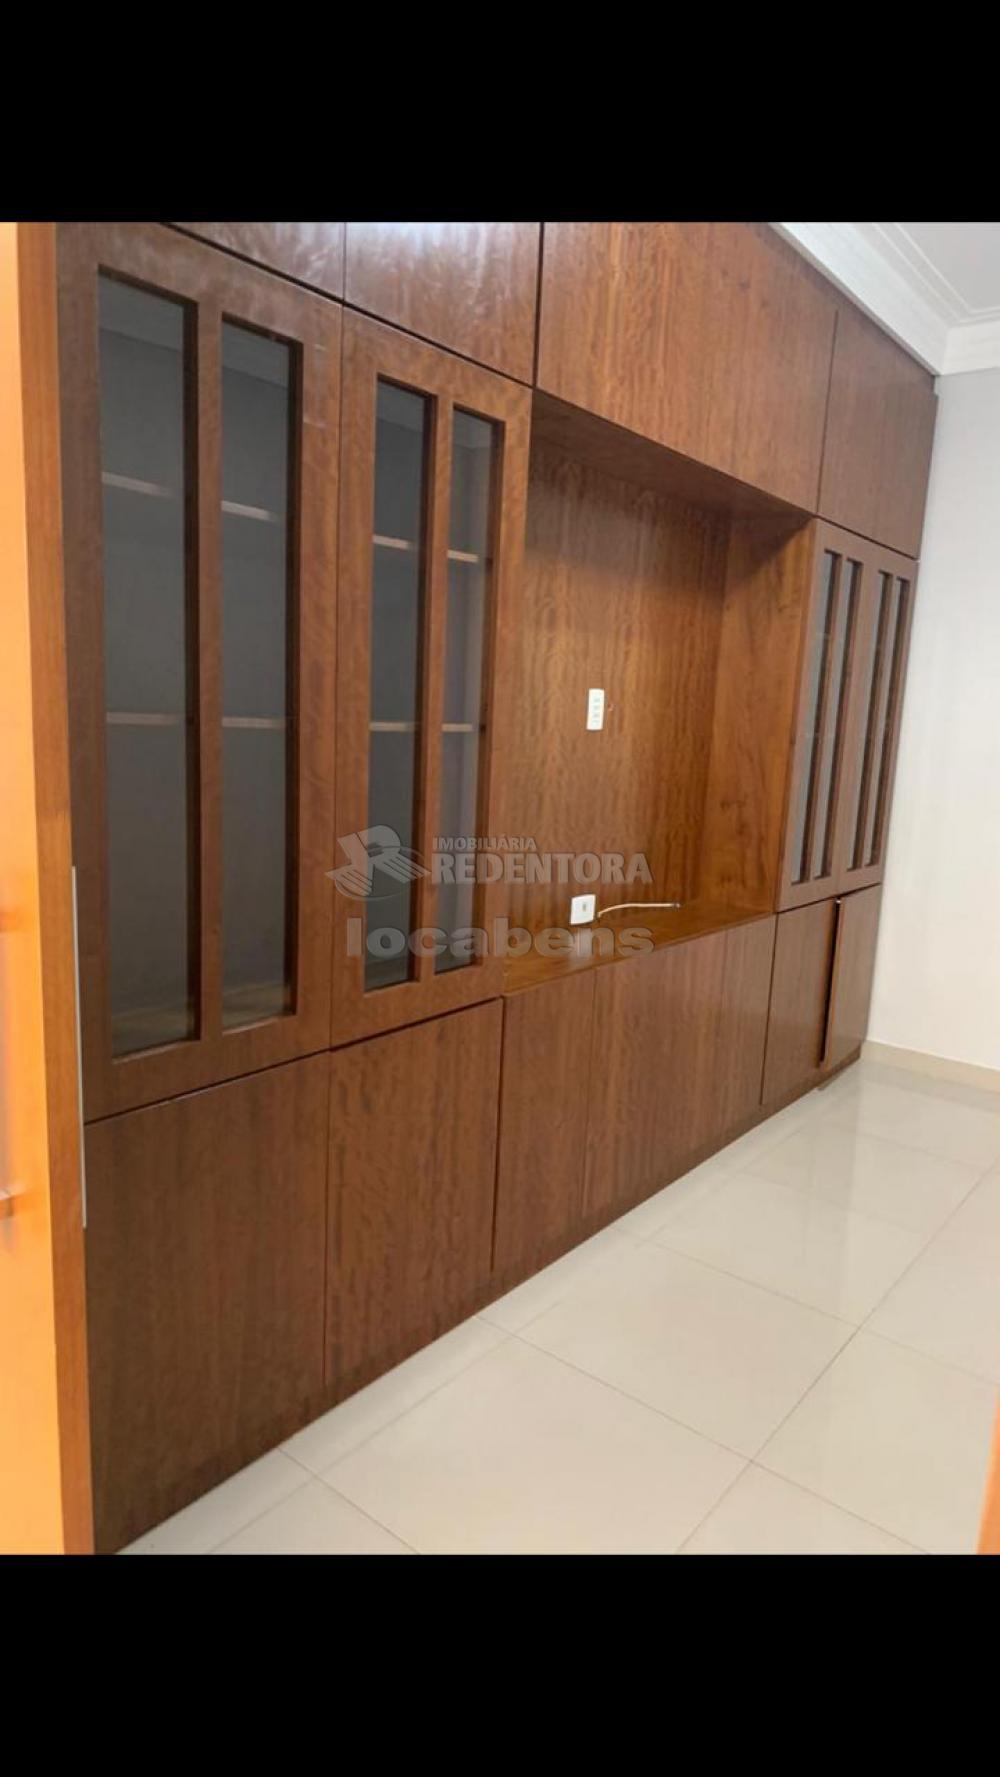 Alugar Casa / Condomínio em São José do Rio Preto apenas R$ 4.000,00 - Foto 22